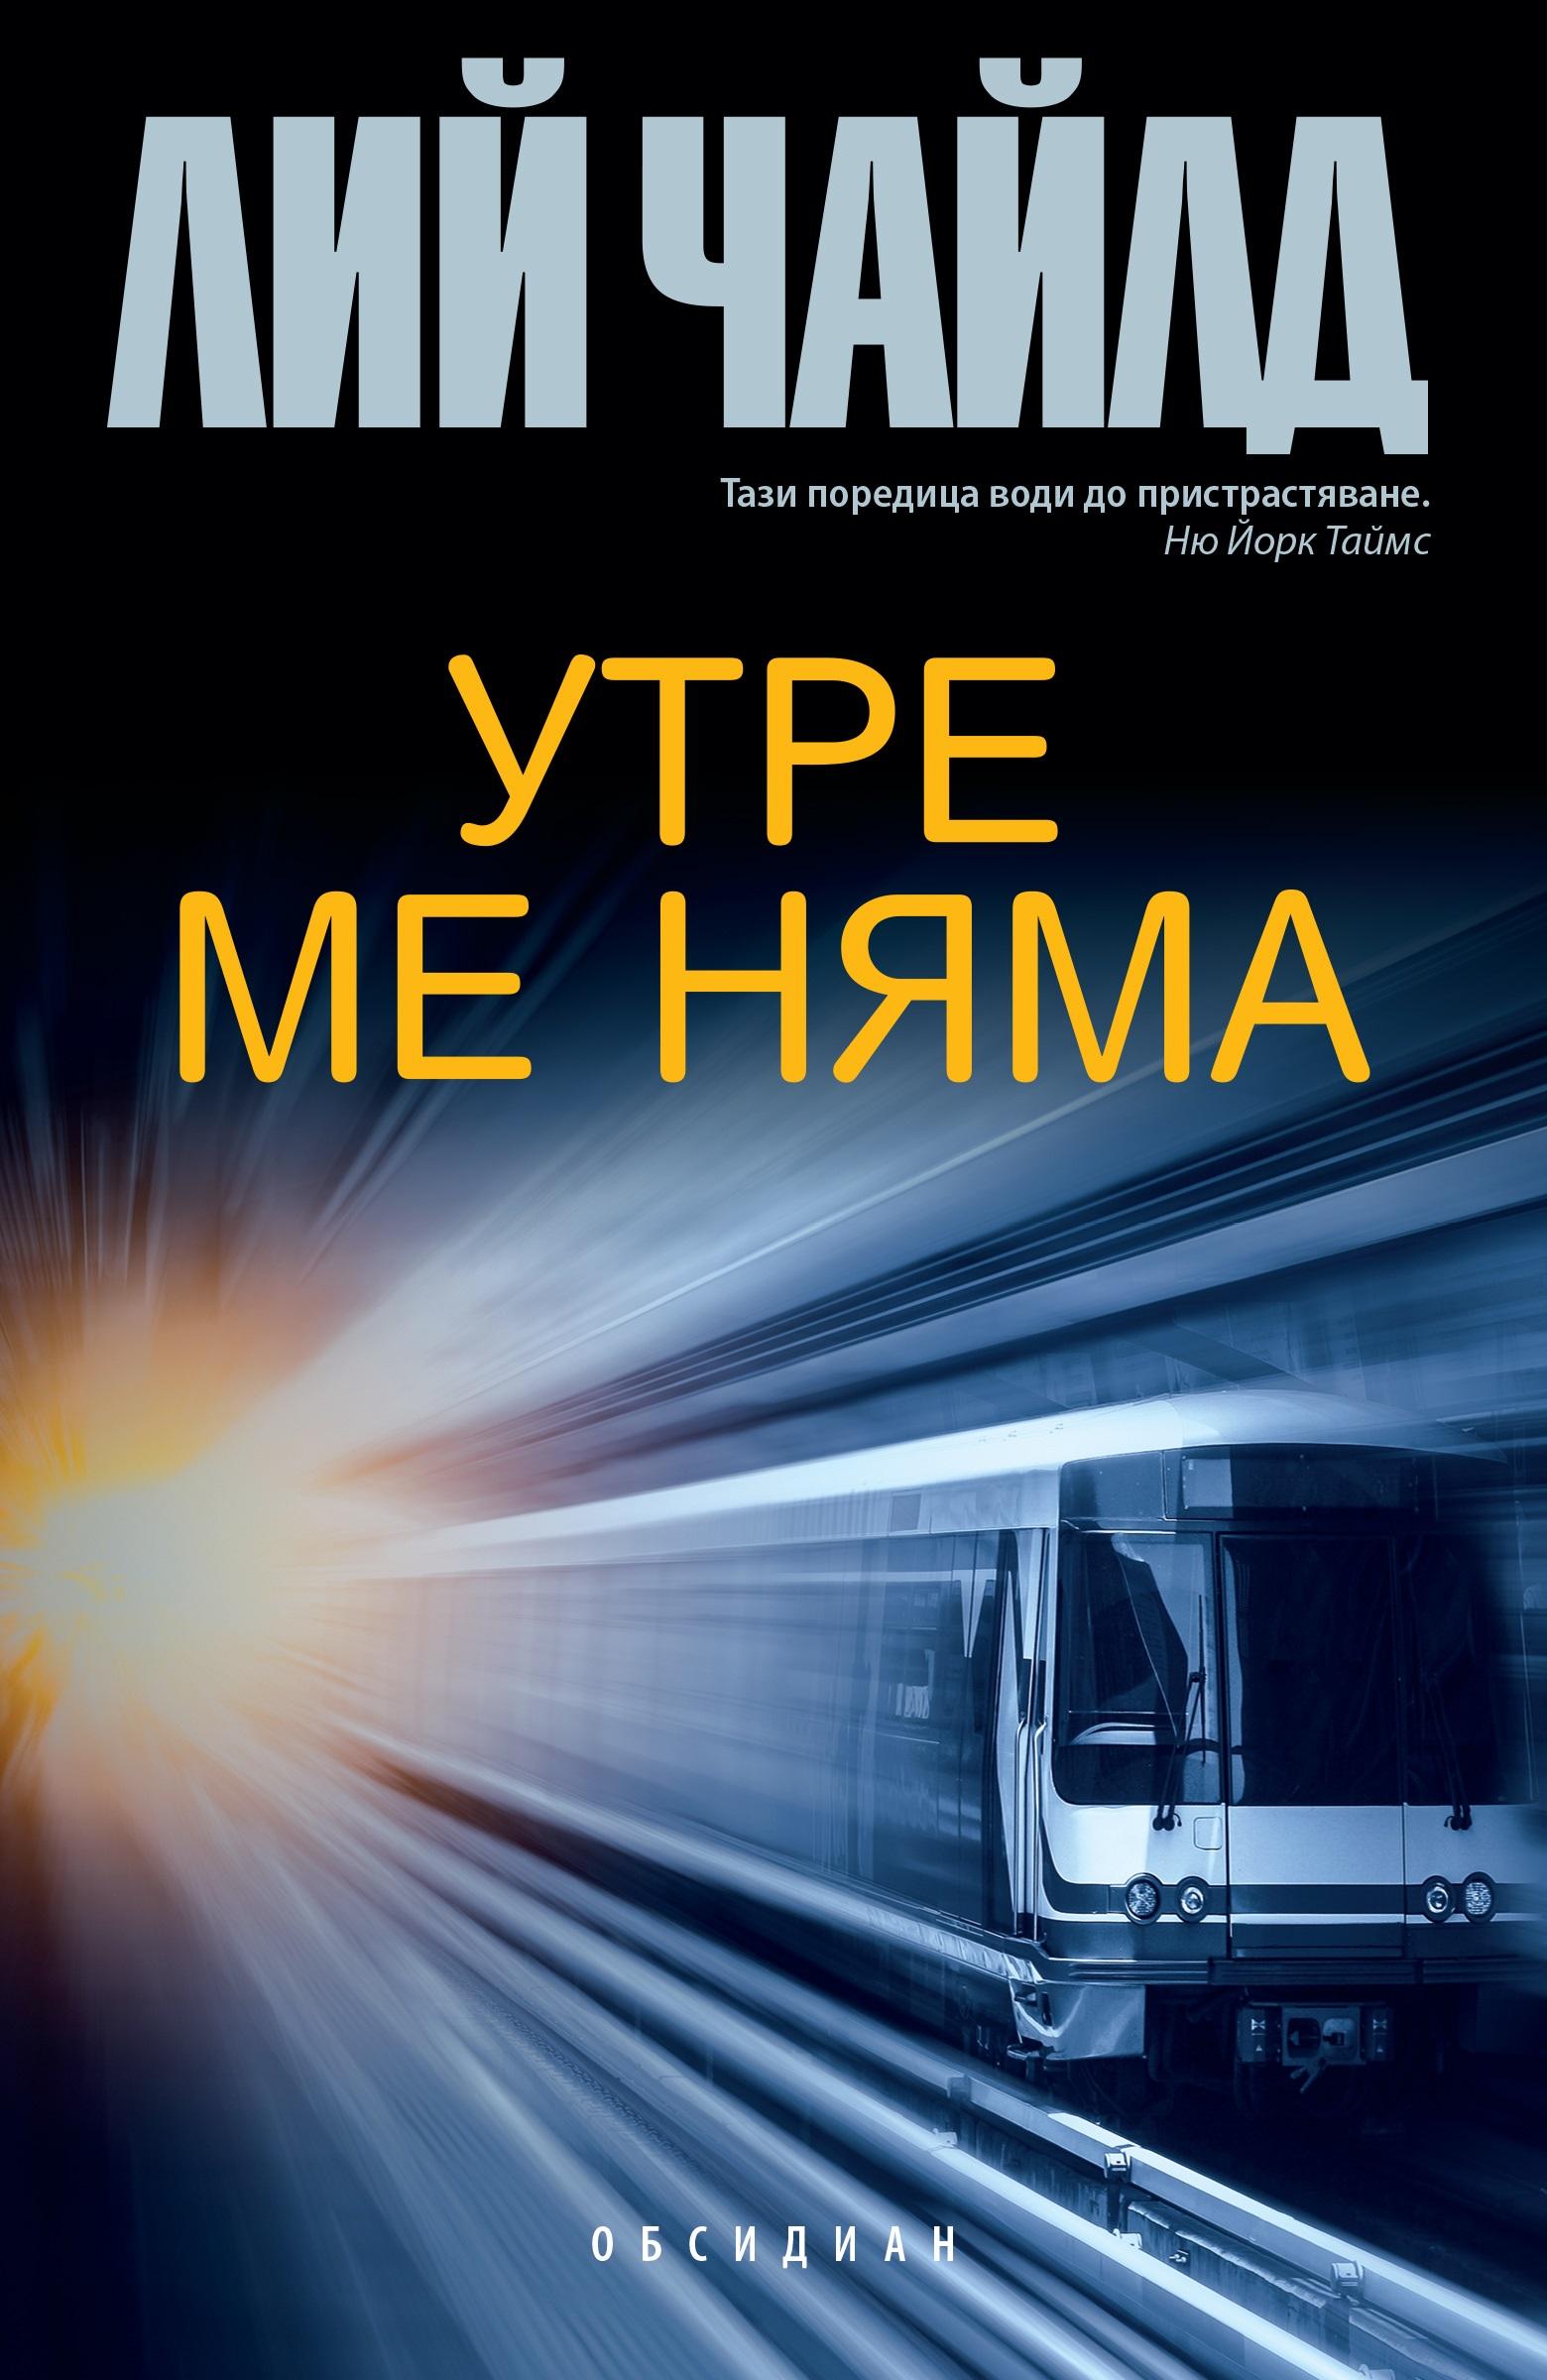 """Ново издание на """"Утре ме няма"""" от Лий Чайлд 141"""